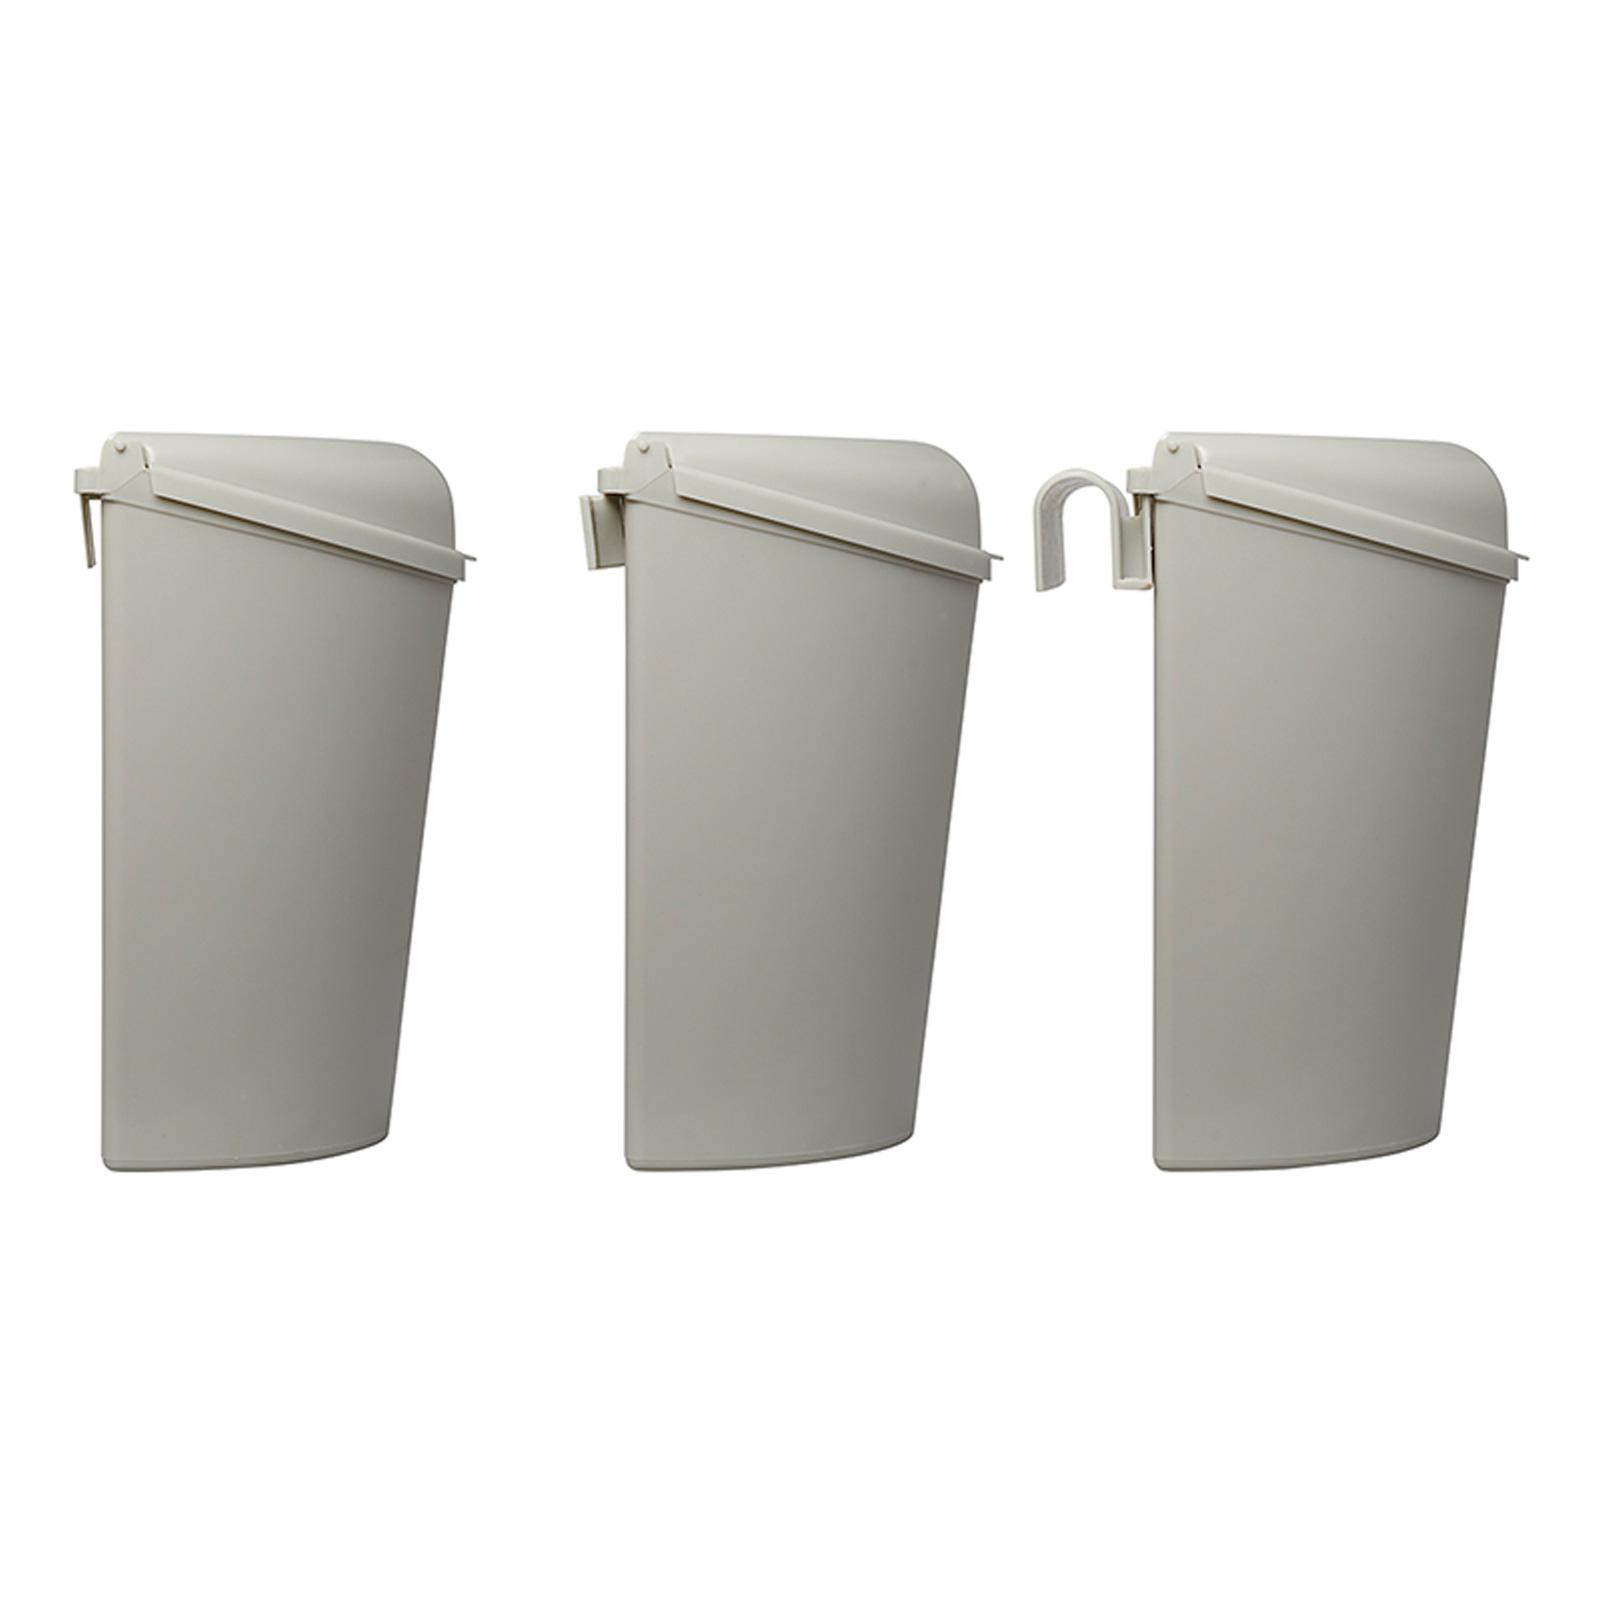 Details zu Behälter Mülleimer Eimer inkl. Halterung 8,8 x 8 x 8 für  Camping